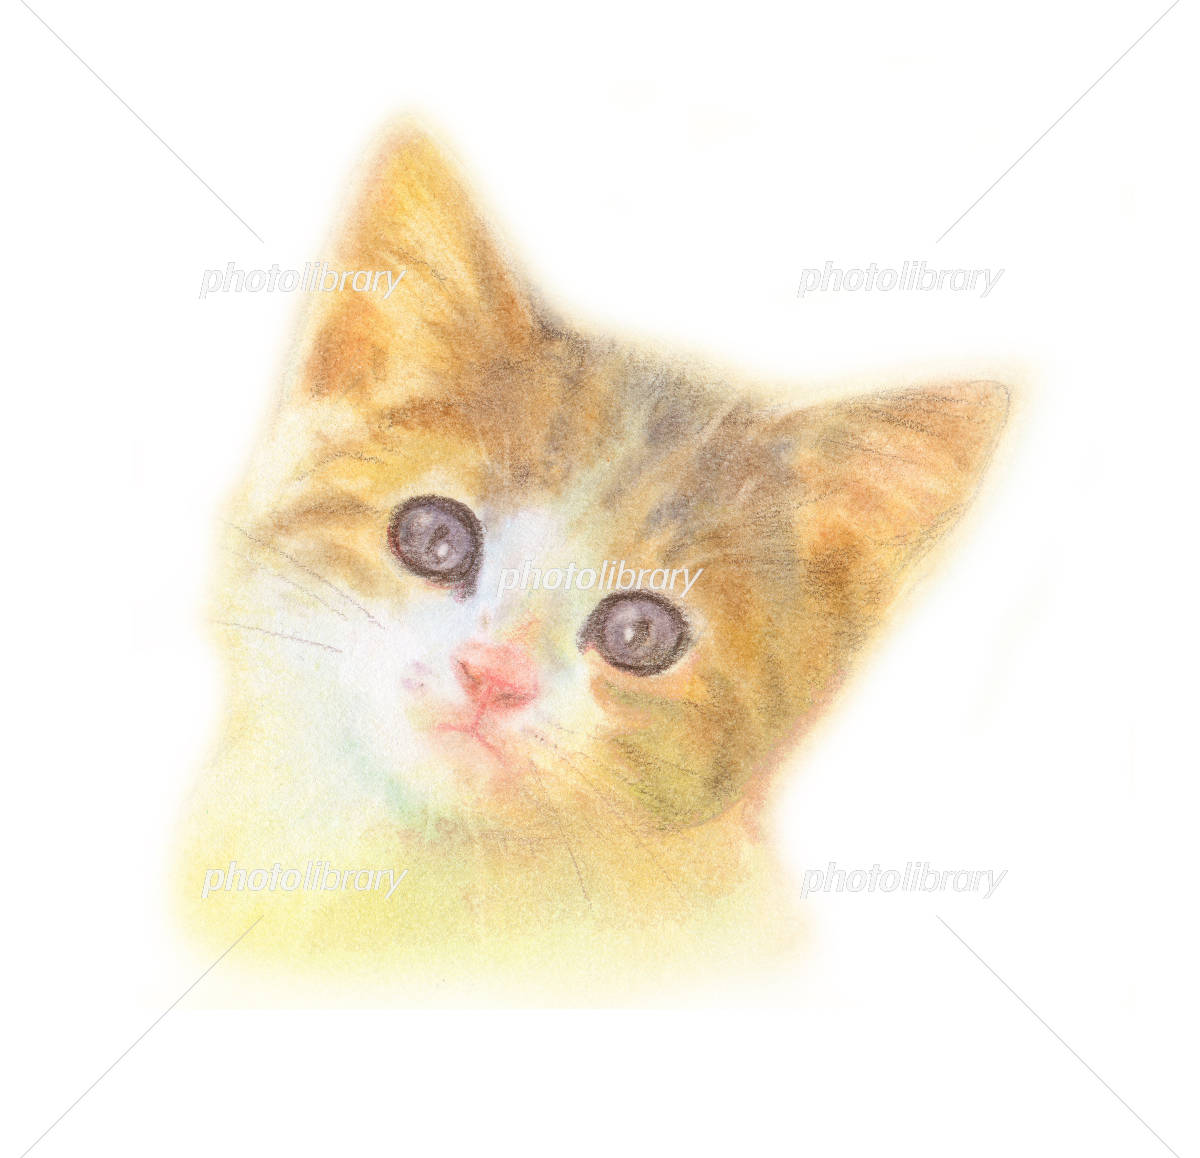 子猫 三毛猫 イラスト素材 4331084 フォトライブラリー Photolibrary